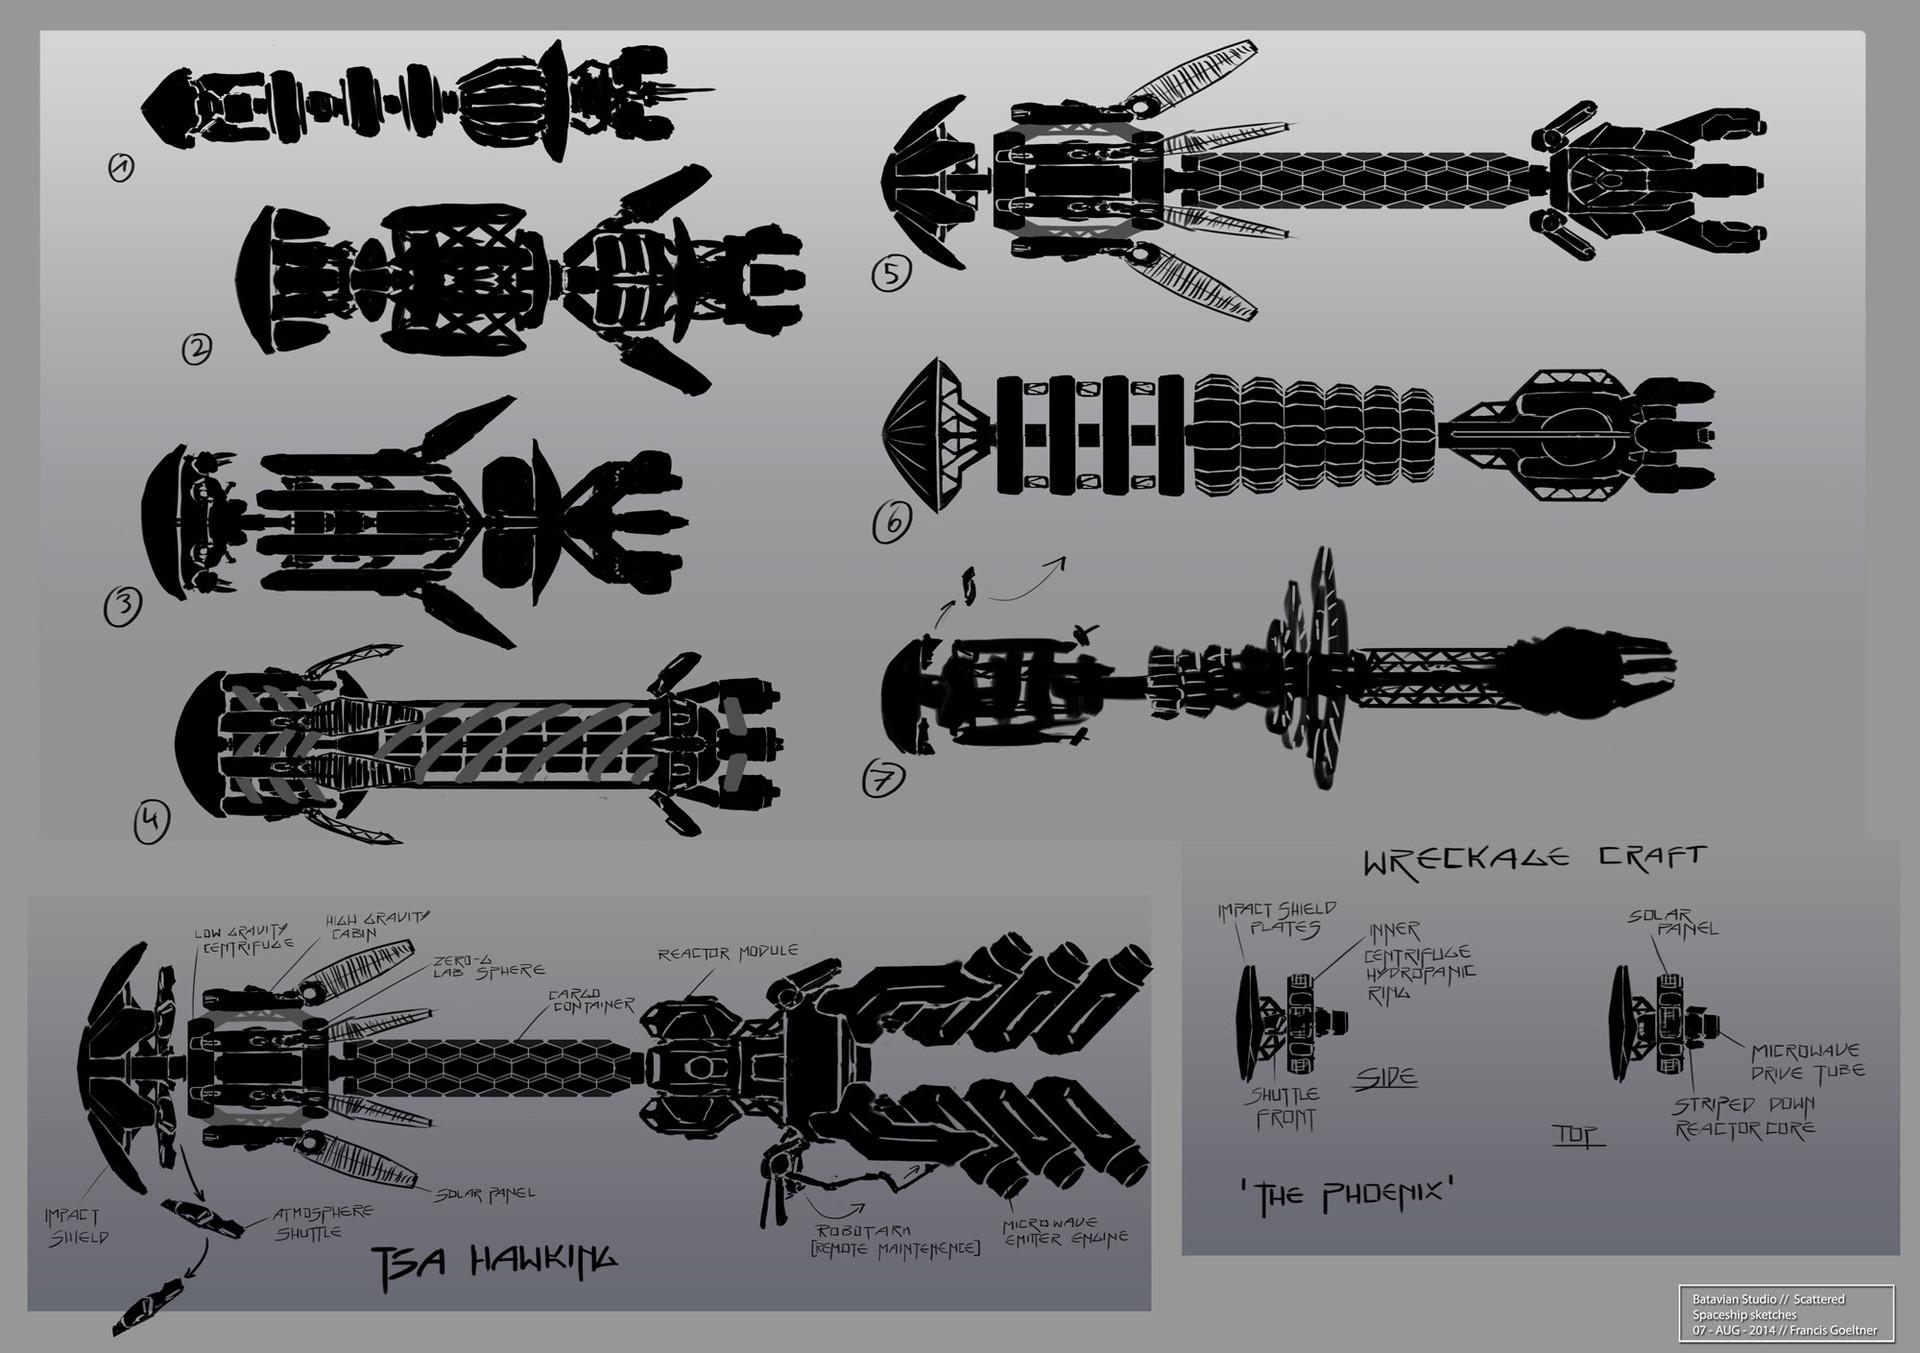 Francis goeltner grimmodds vehicles spaceship sketch01 m